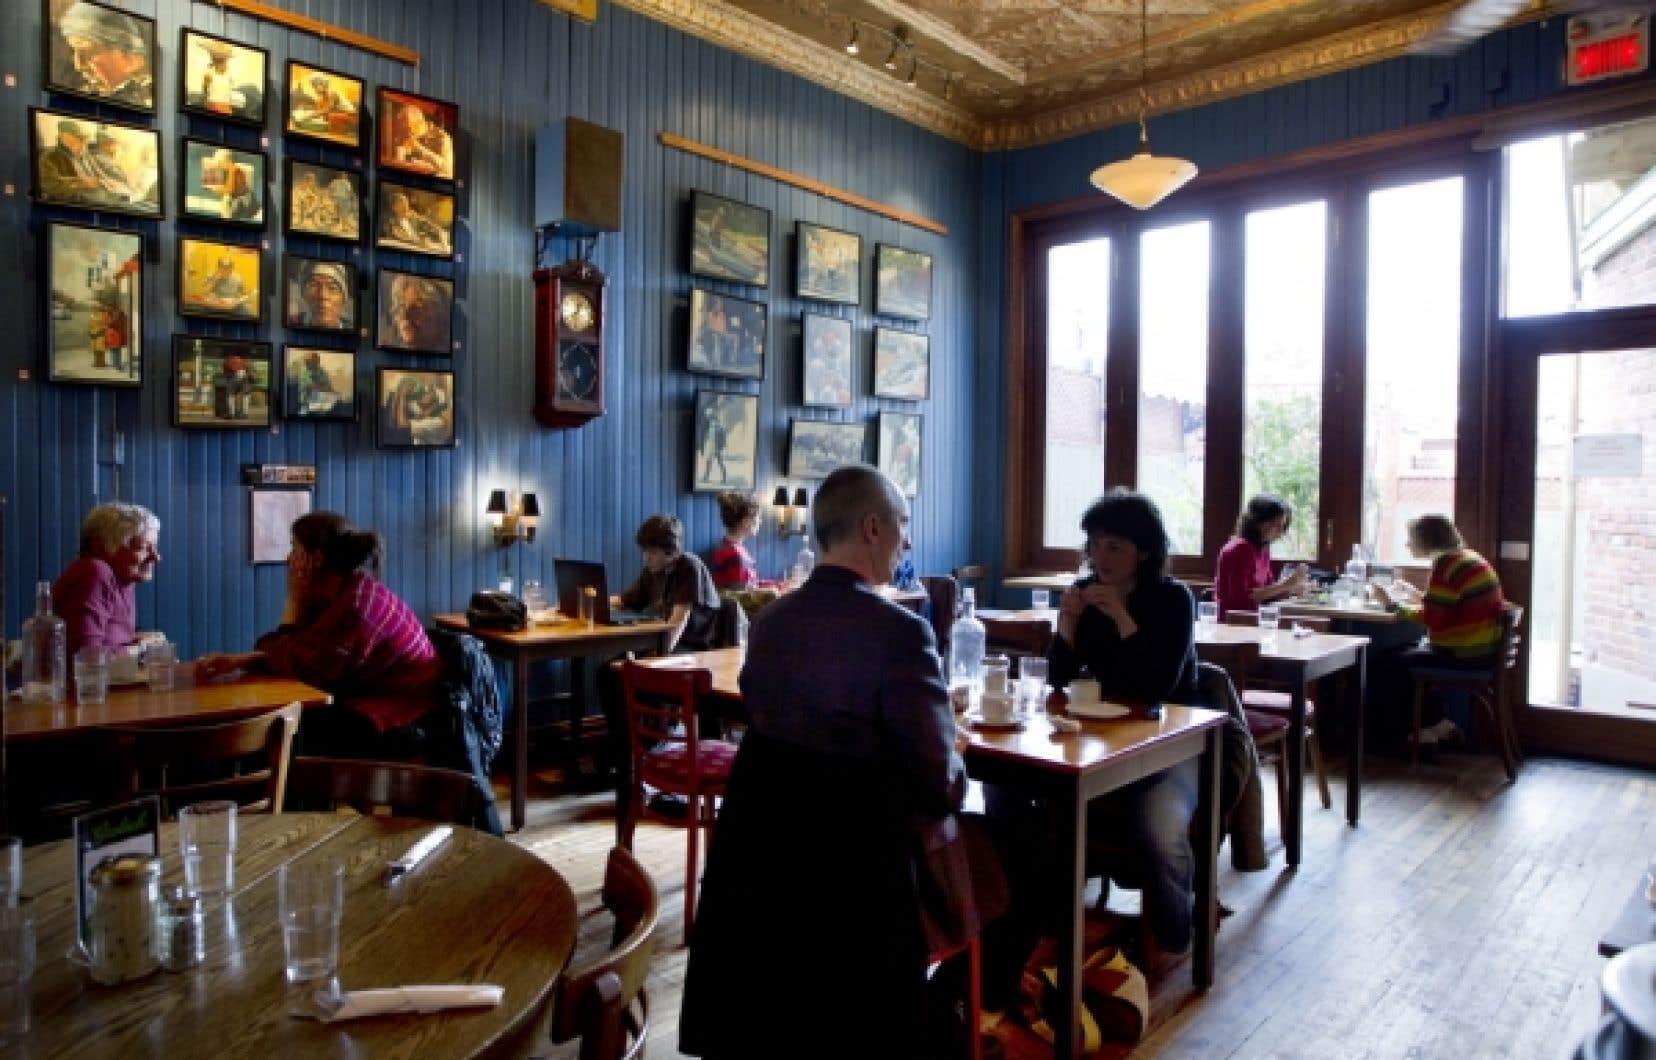 Les Entretiens, à Montréal, un café sans prétention où il fait bon s'arrêter.<br />